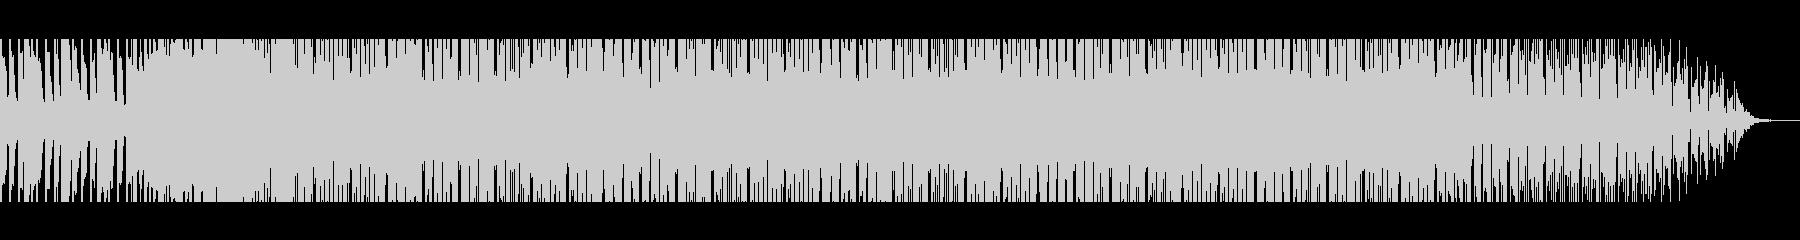 和風 EDM フューチャーベースの未再生の波形